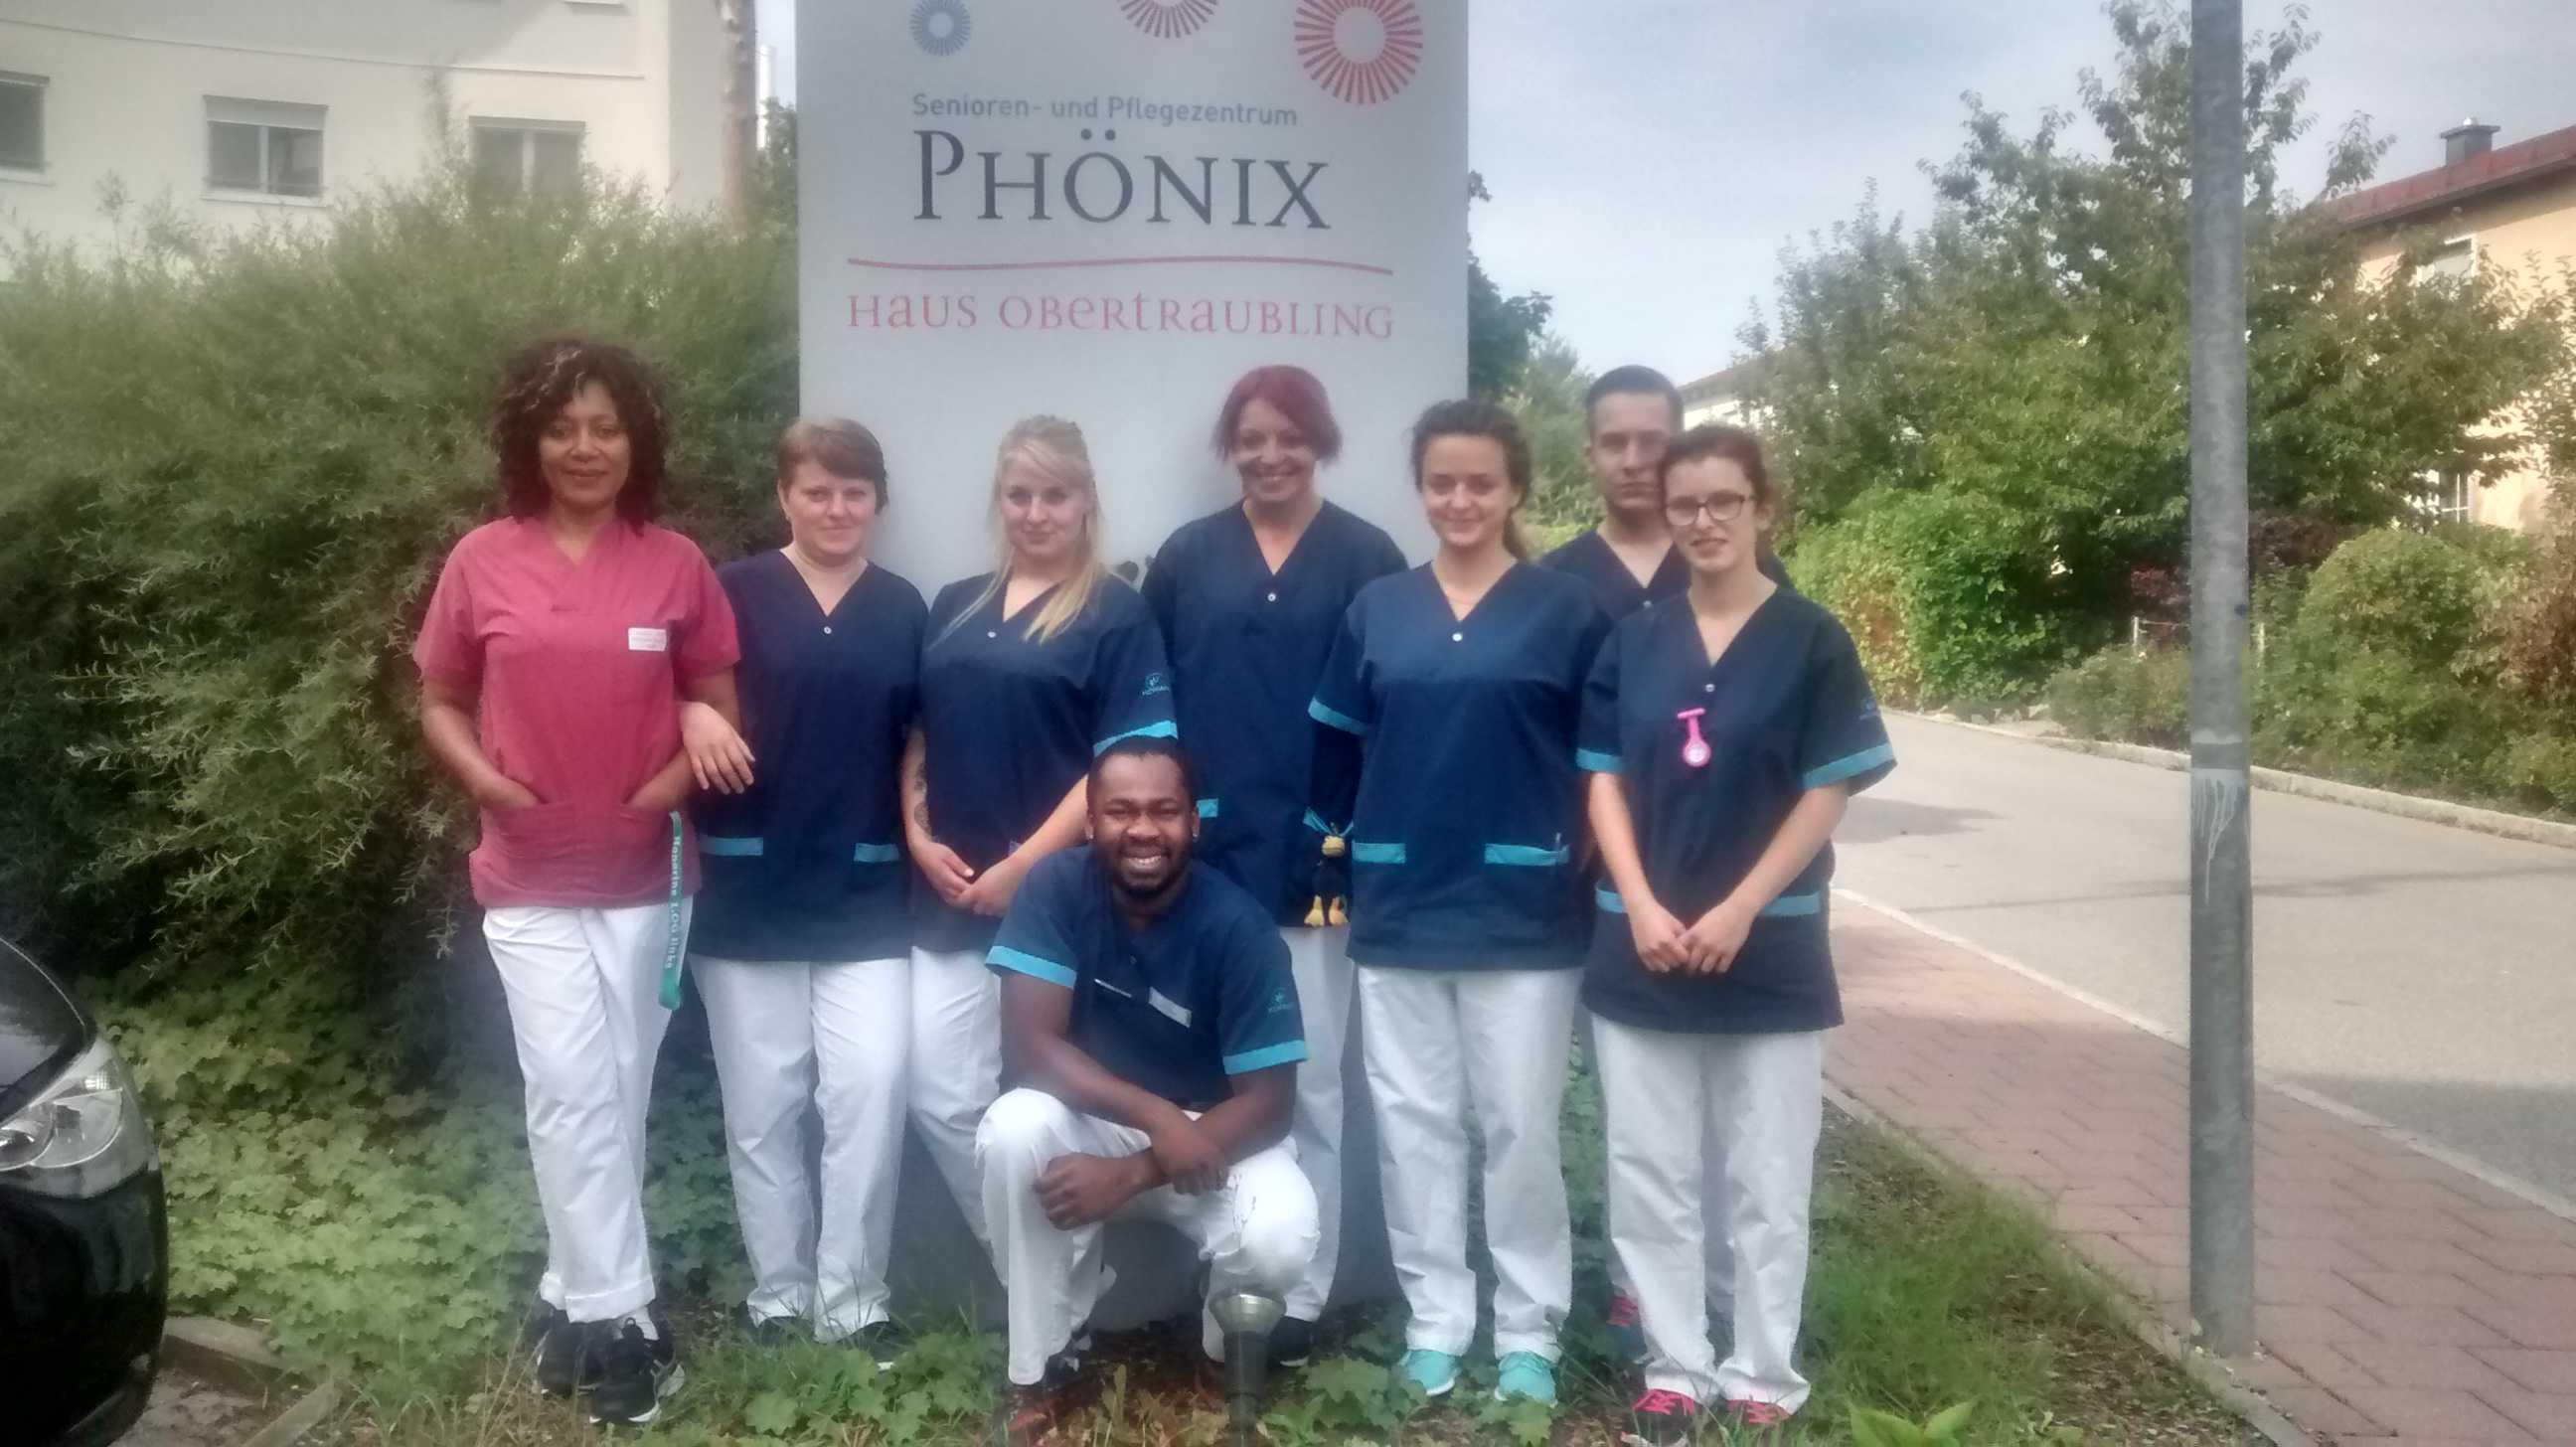 Neue Auszubildende im Phönix-Haus Obertraubling